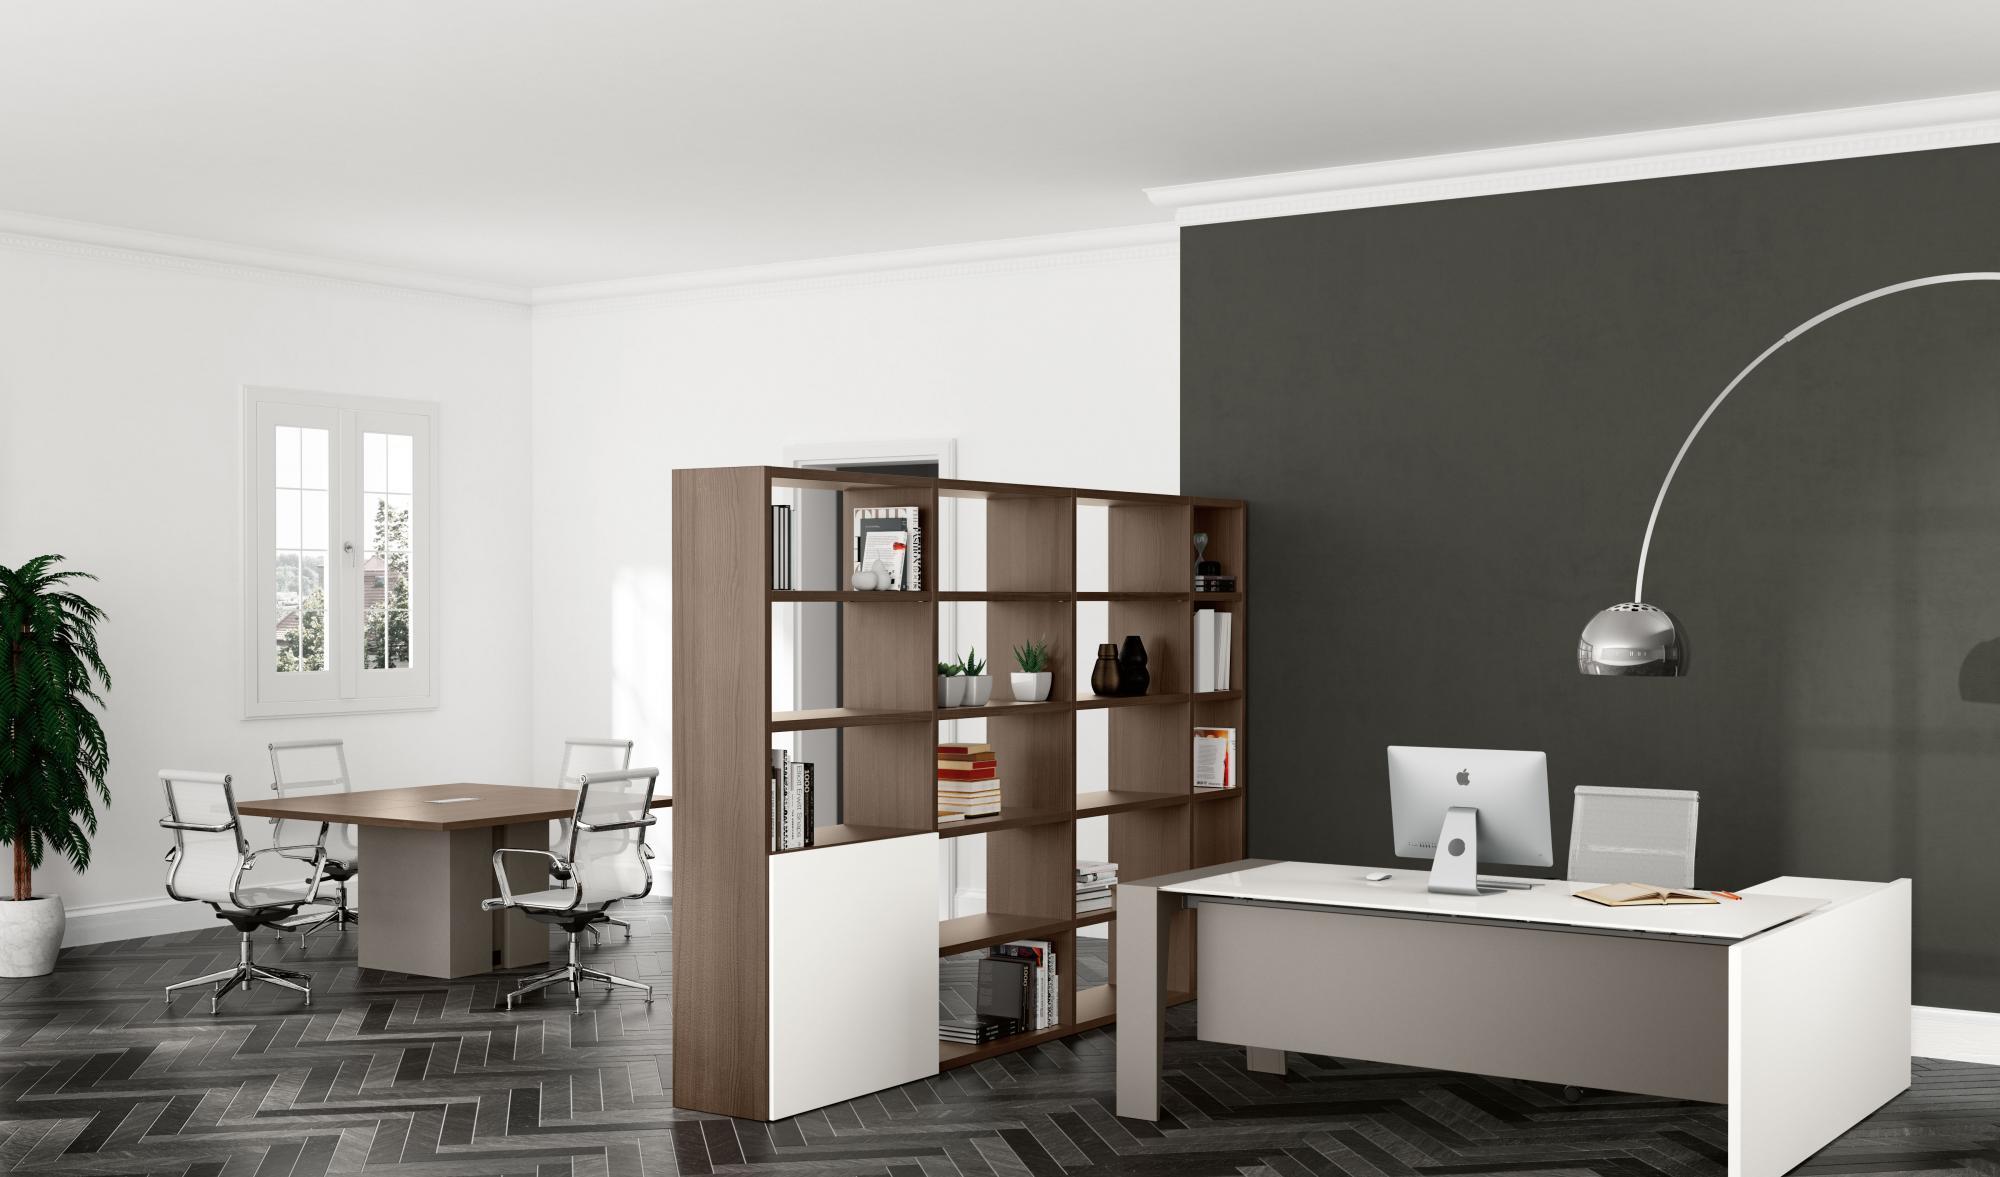 Mobili per ufficio bellizzi sa montella prisma arredo for Complementi d arredo per ufficio